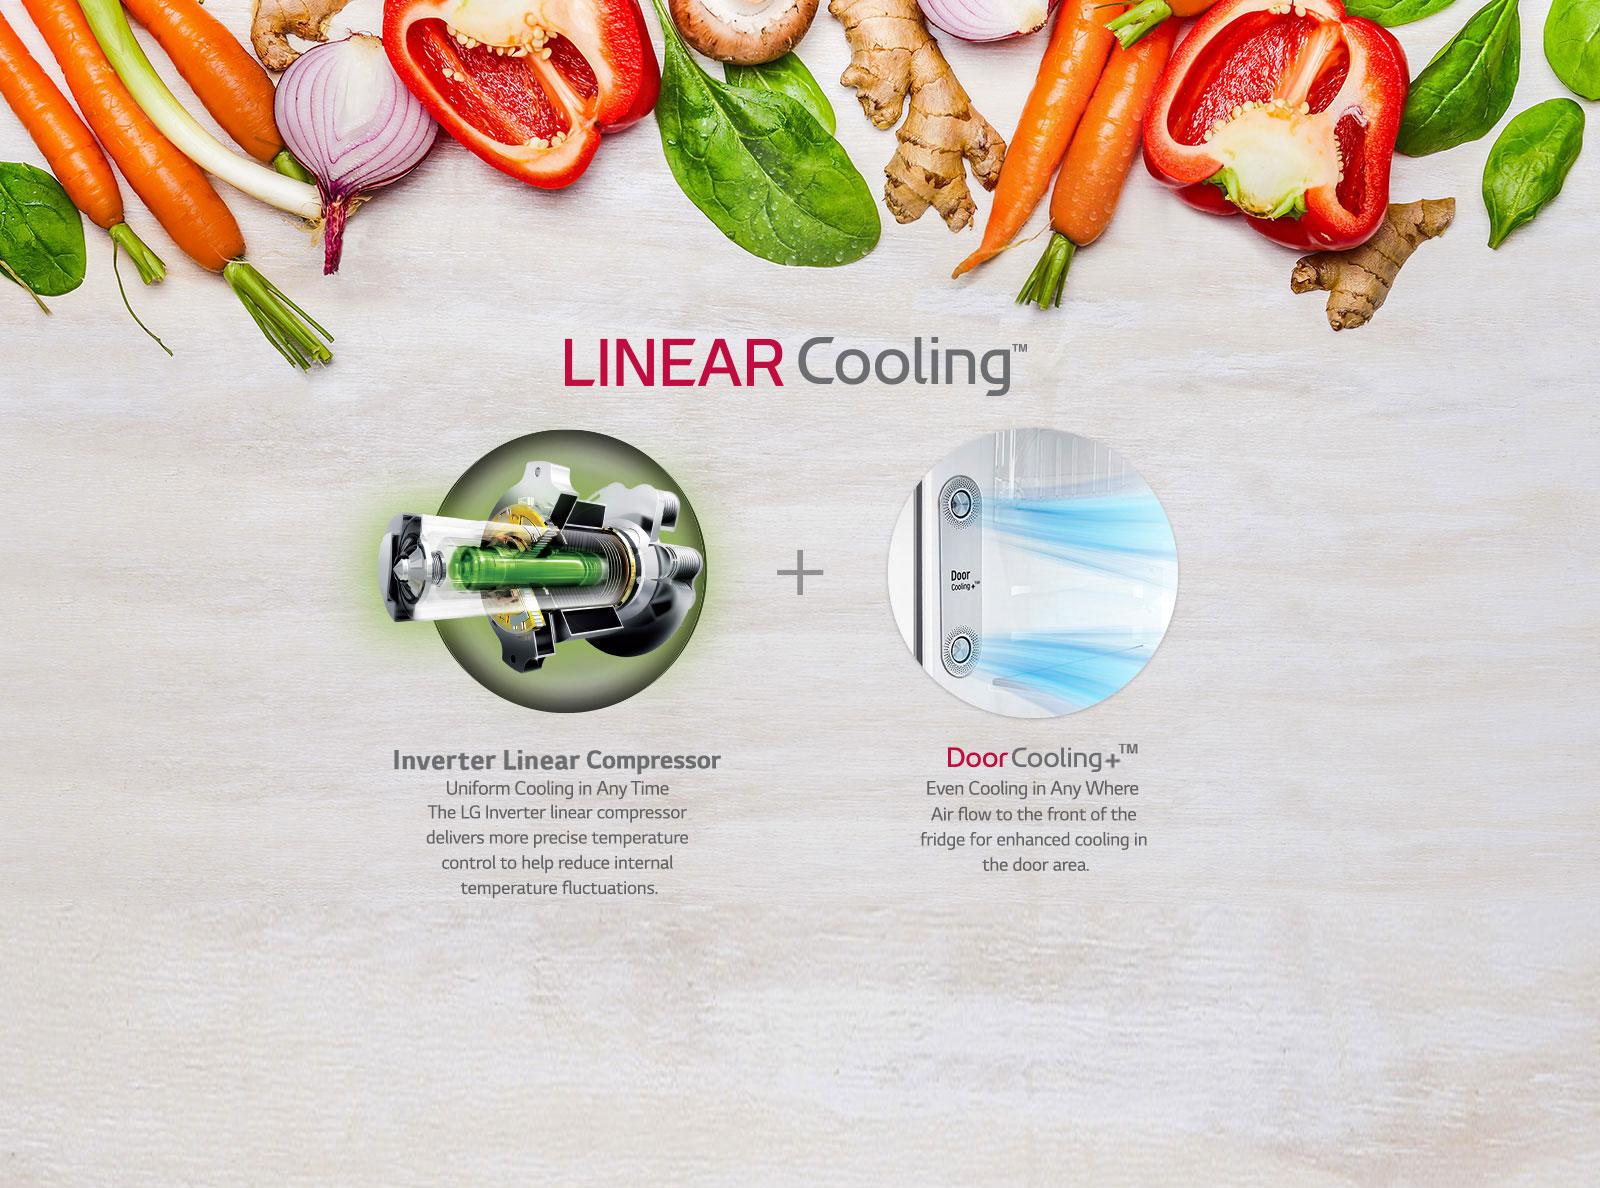 LG GL-T292RRS3 260 Ltr Linear Cooling